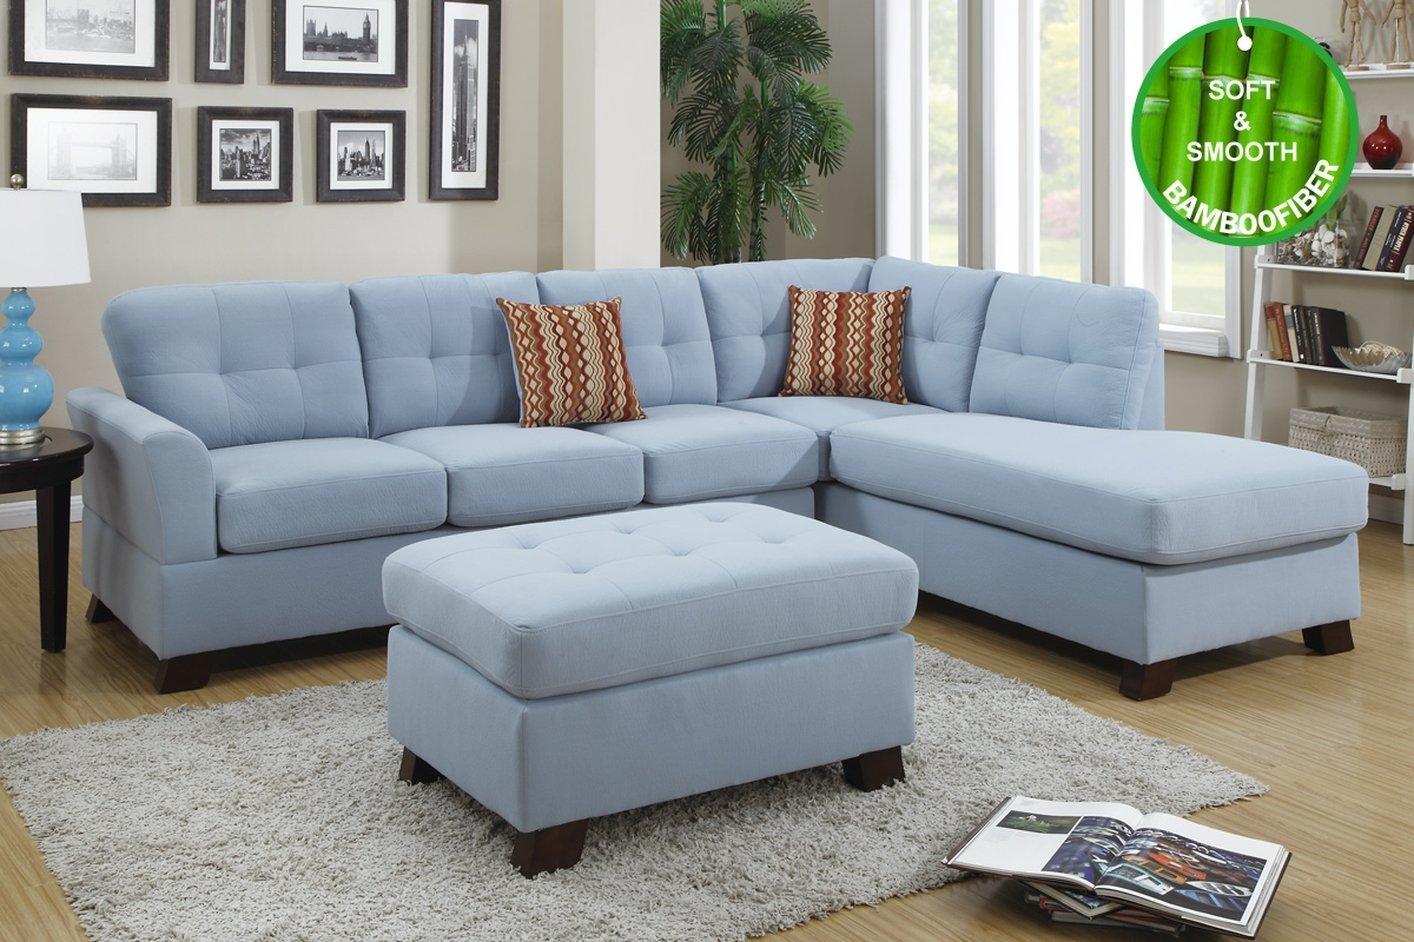 sofas houston sale bobs braxton sofa review 20 top blue denim ideas